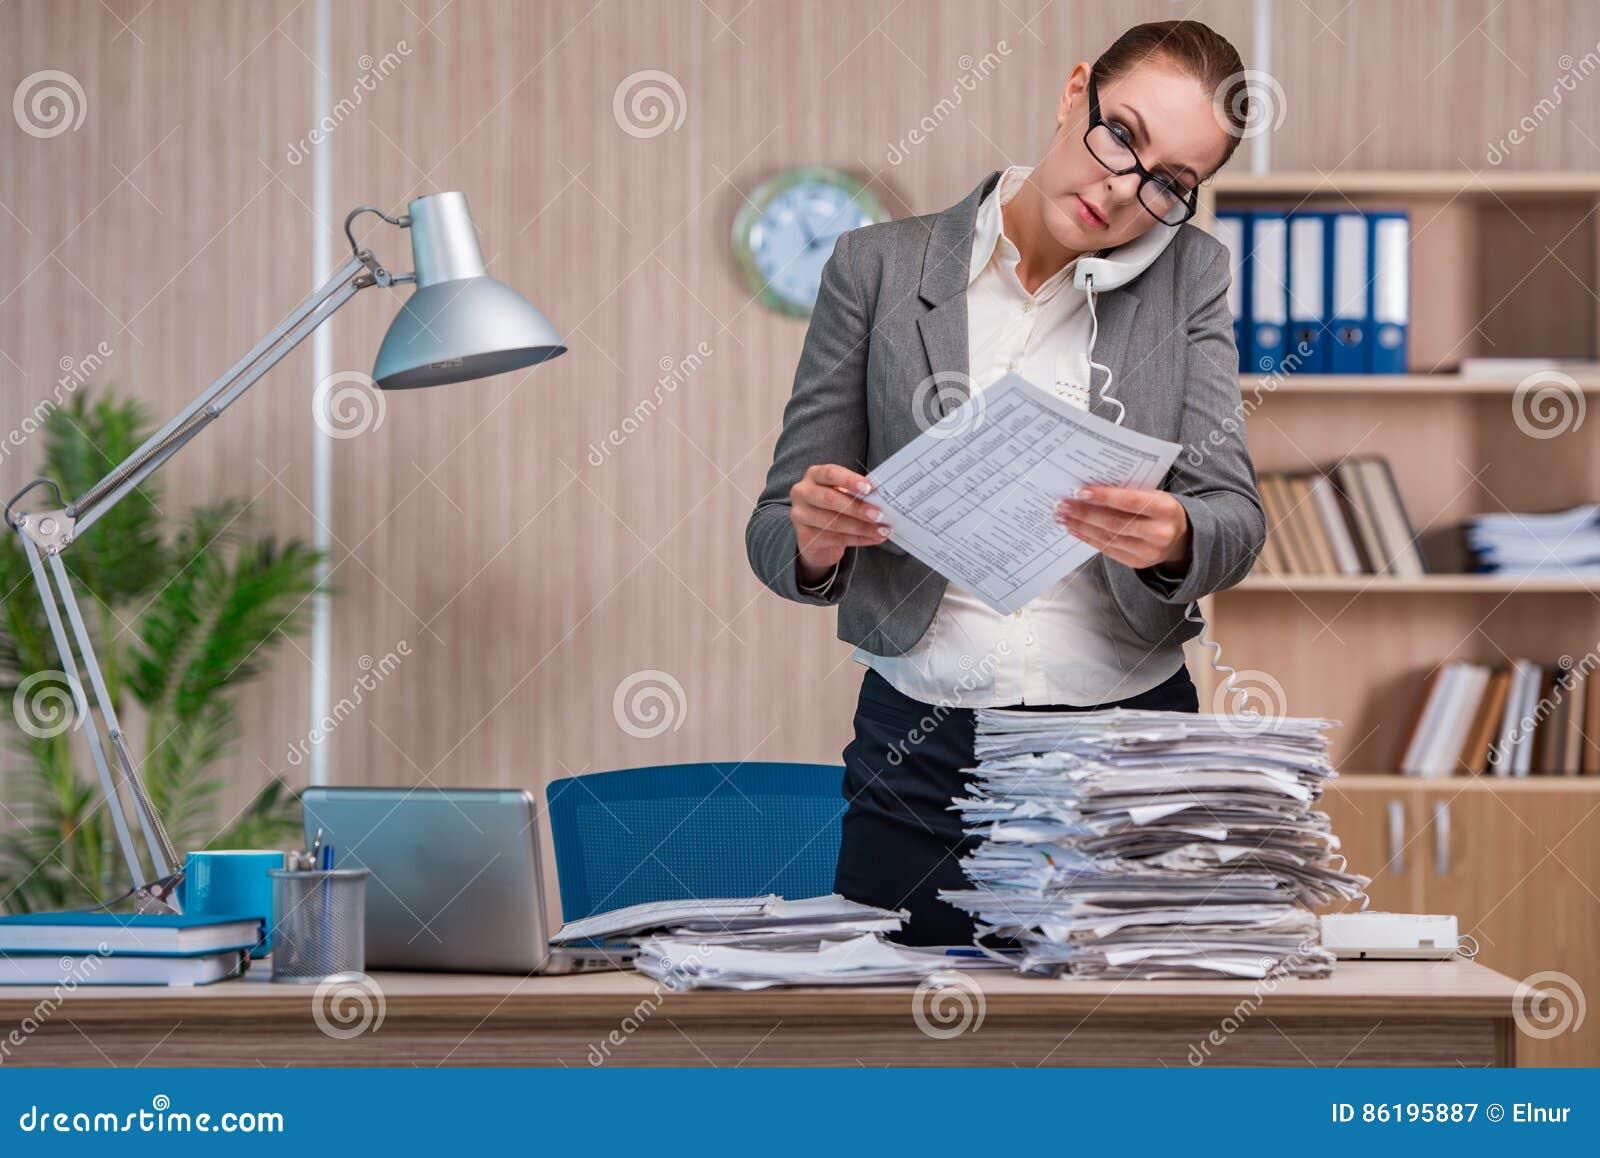 Affärskvinnan som arbetar i kontoret